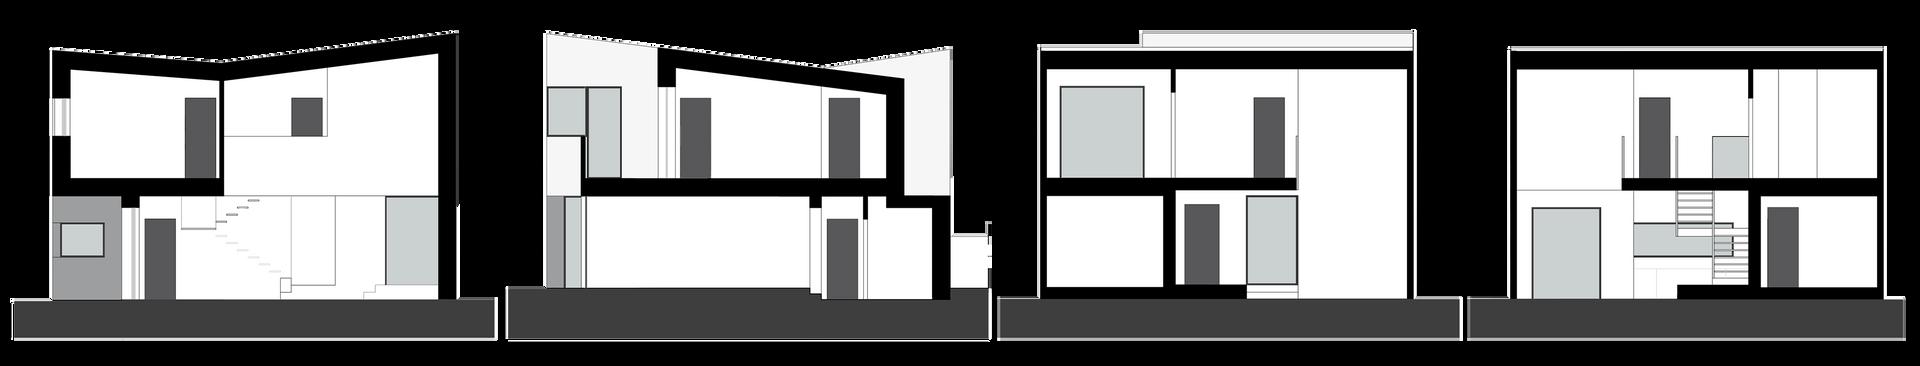 Sezioni di progettto